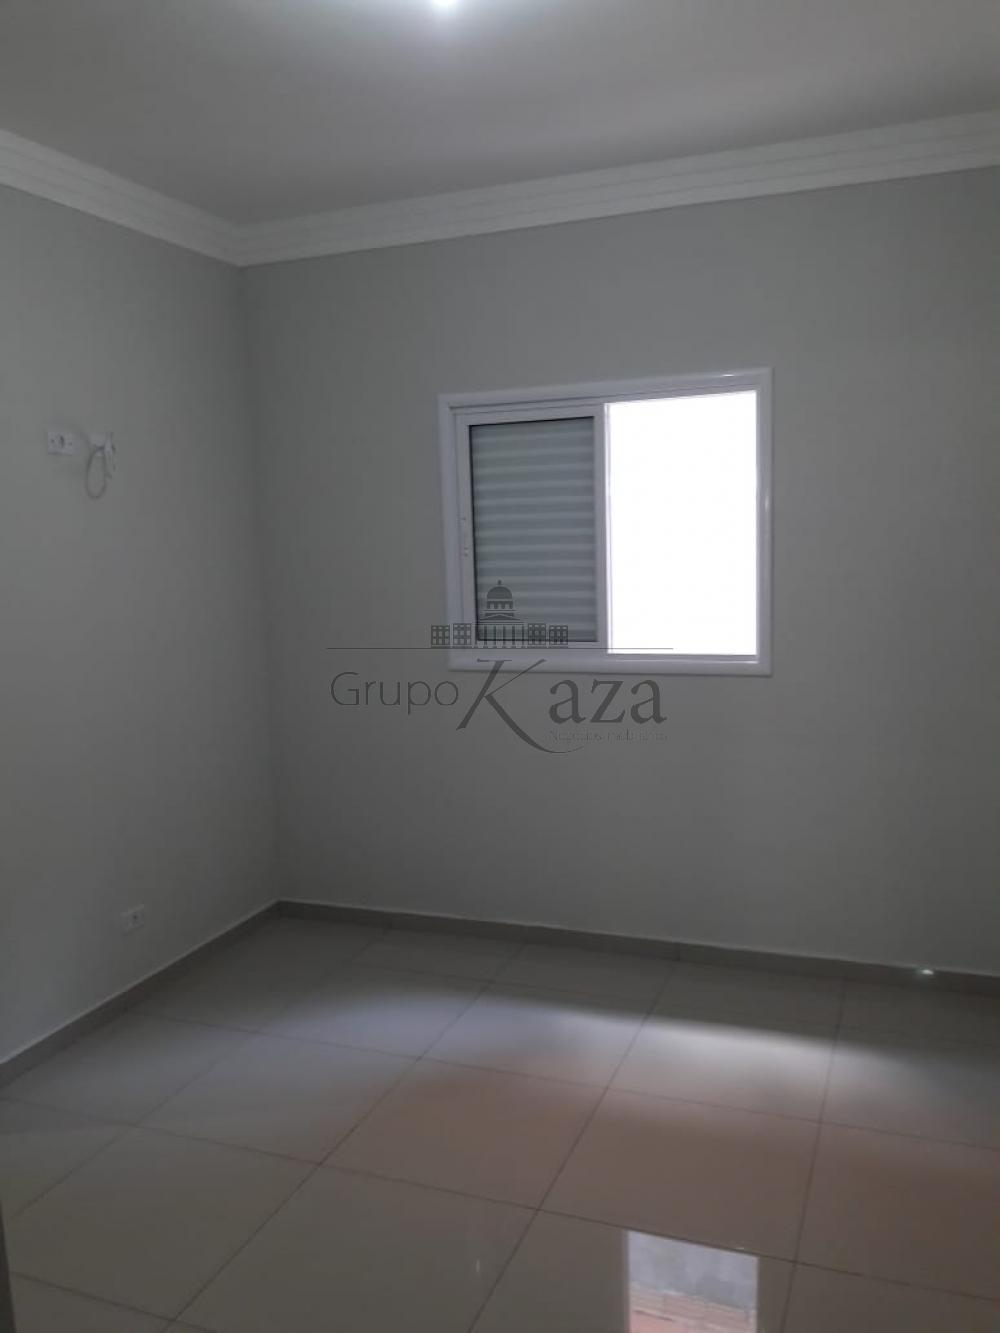 Comprar Casa / Padrão em São José dos Campos apenas R$ 270.000,00 - Foto 17